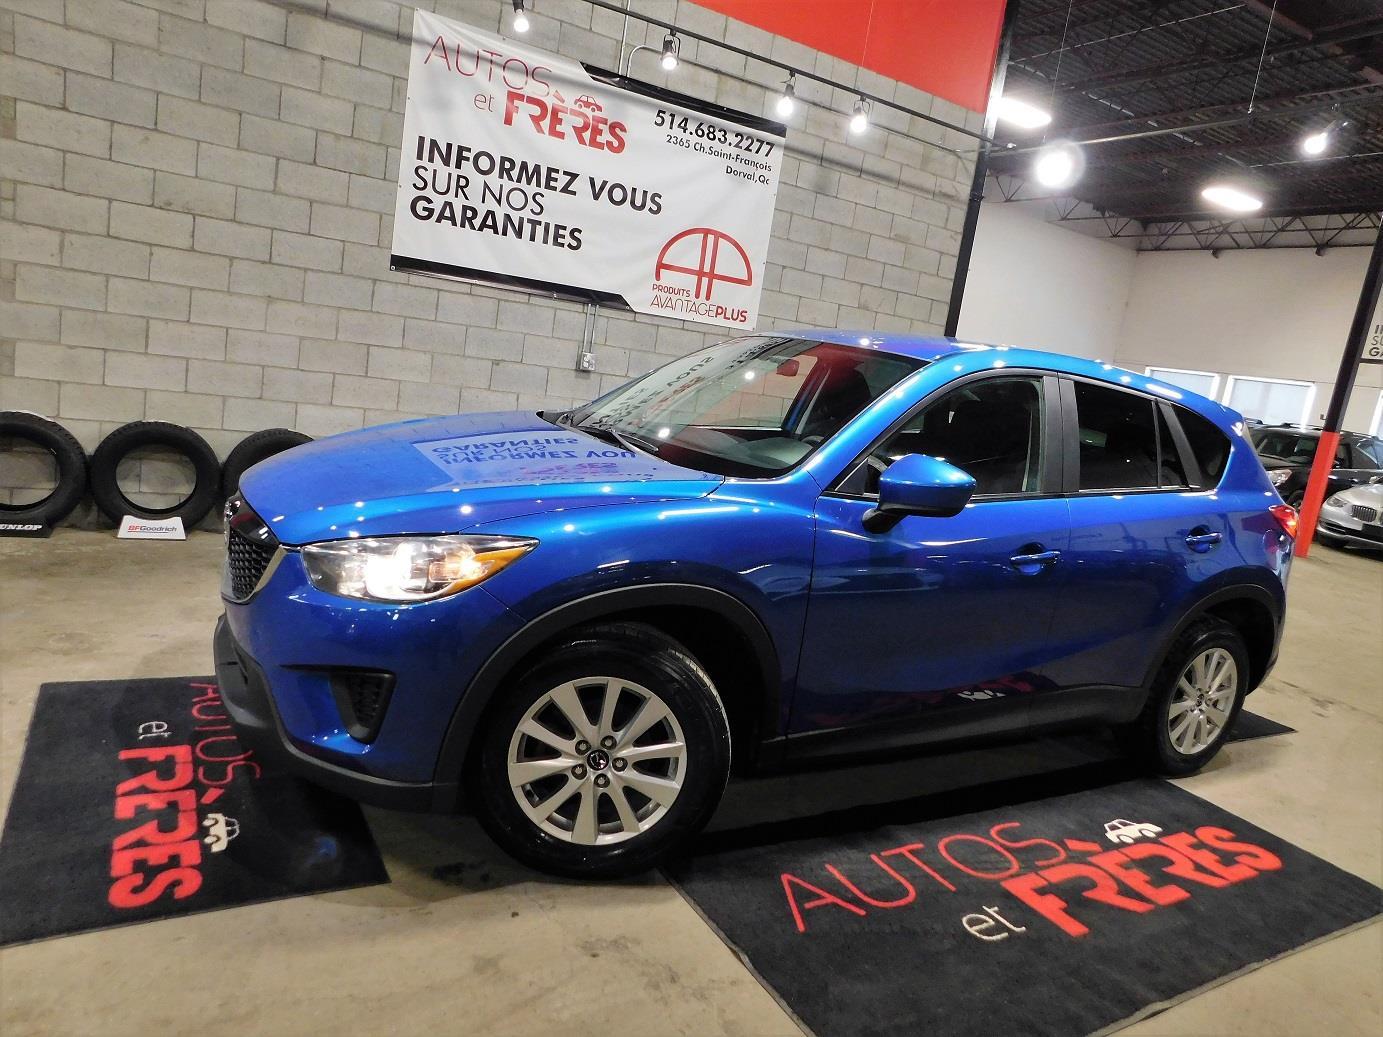 Mazda CX-5 2013 Skyactiv #2700